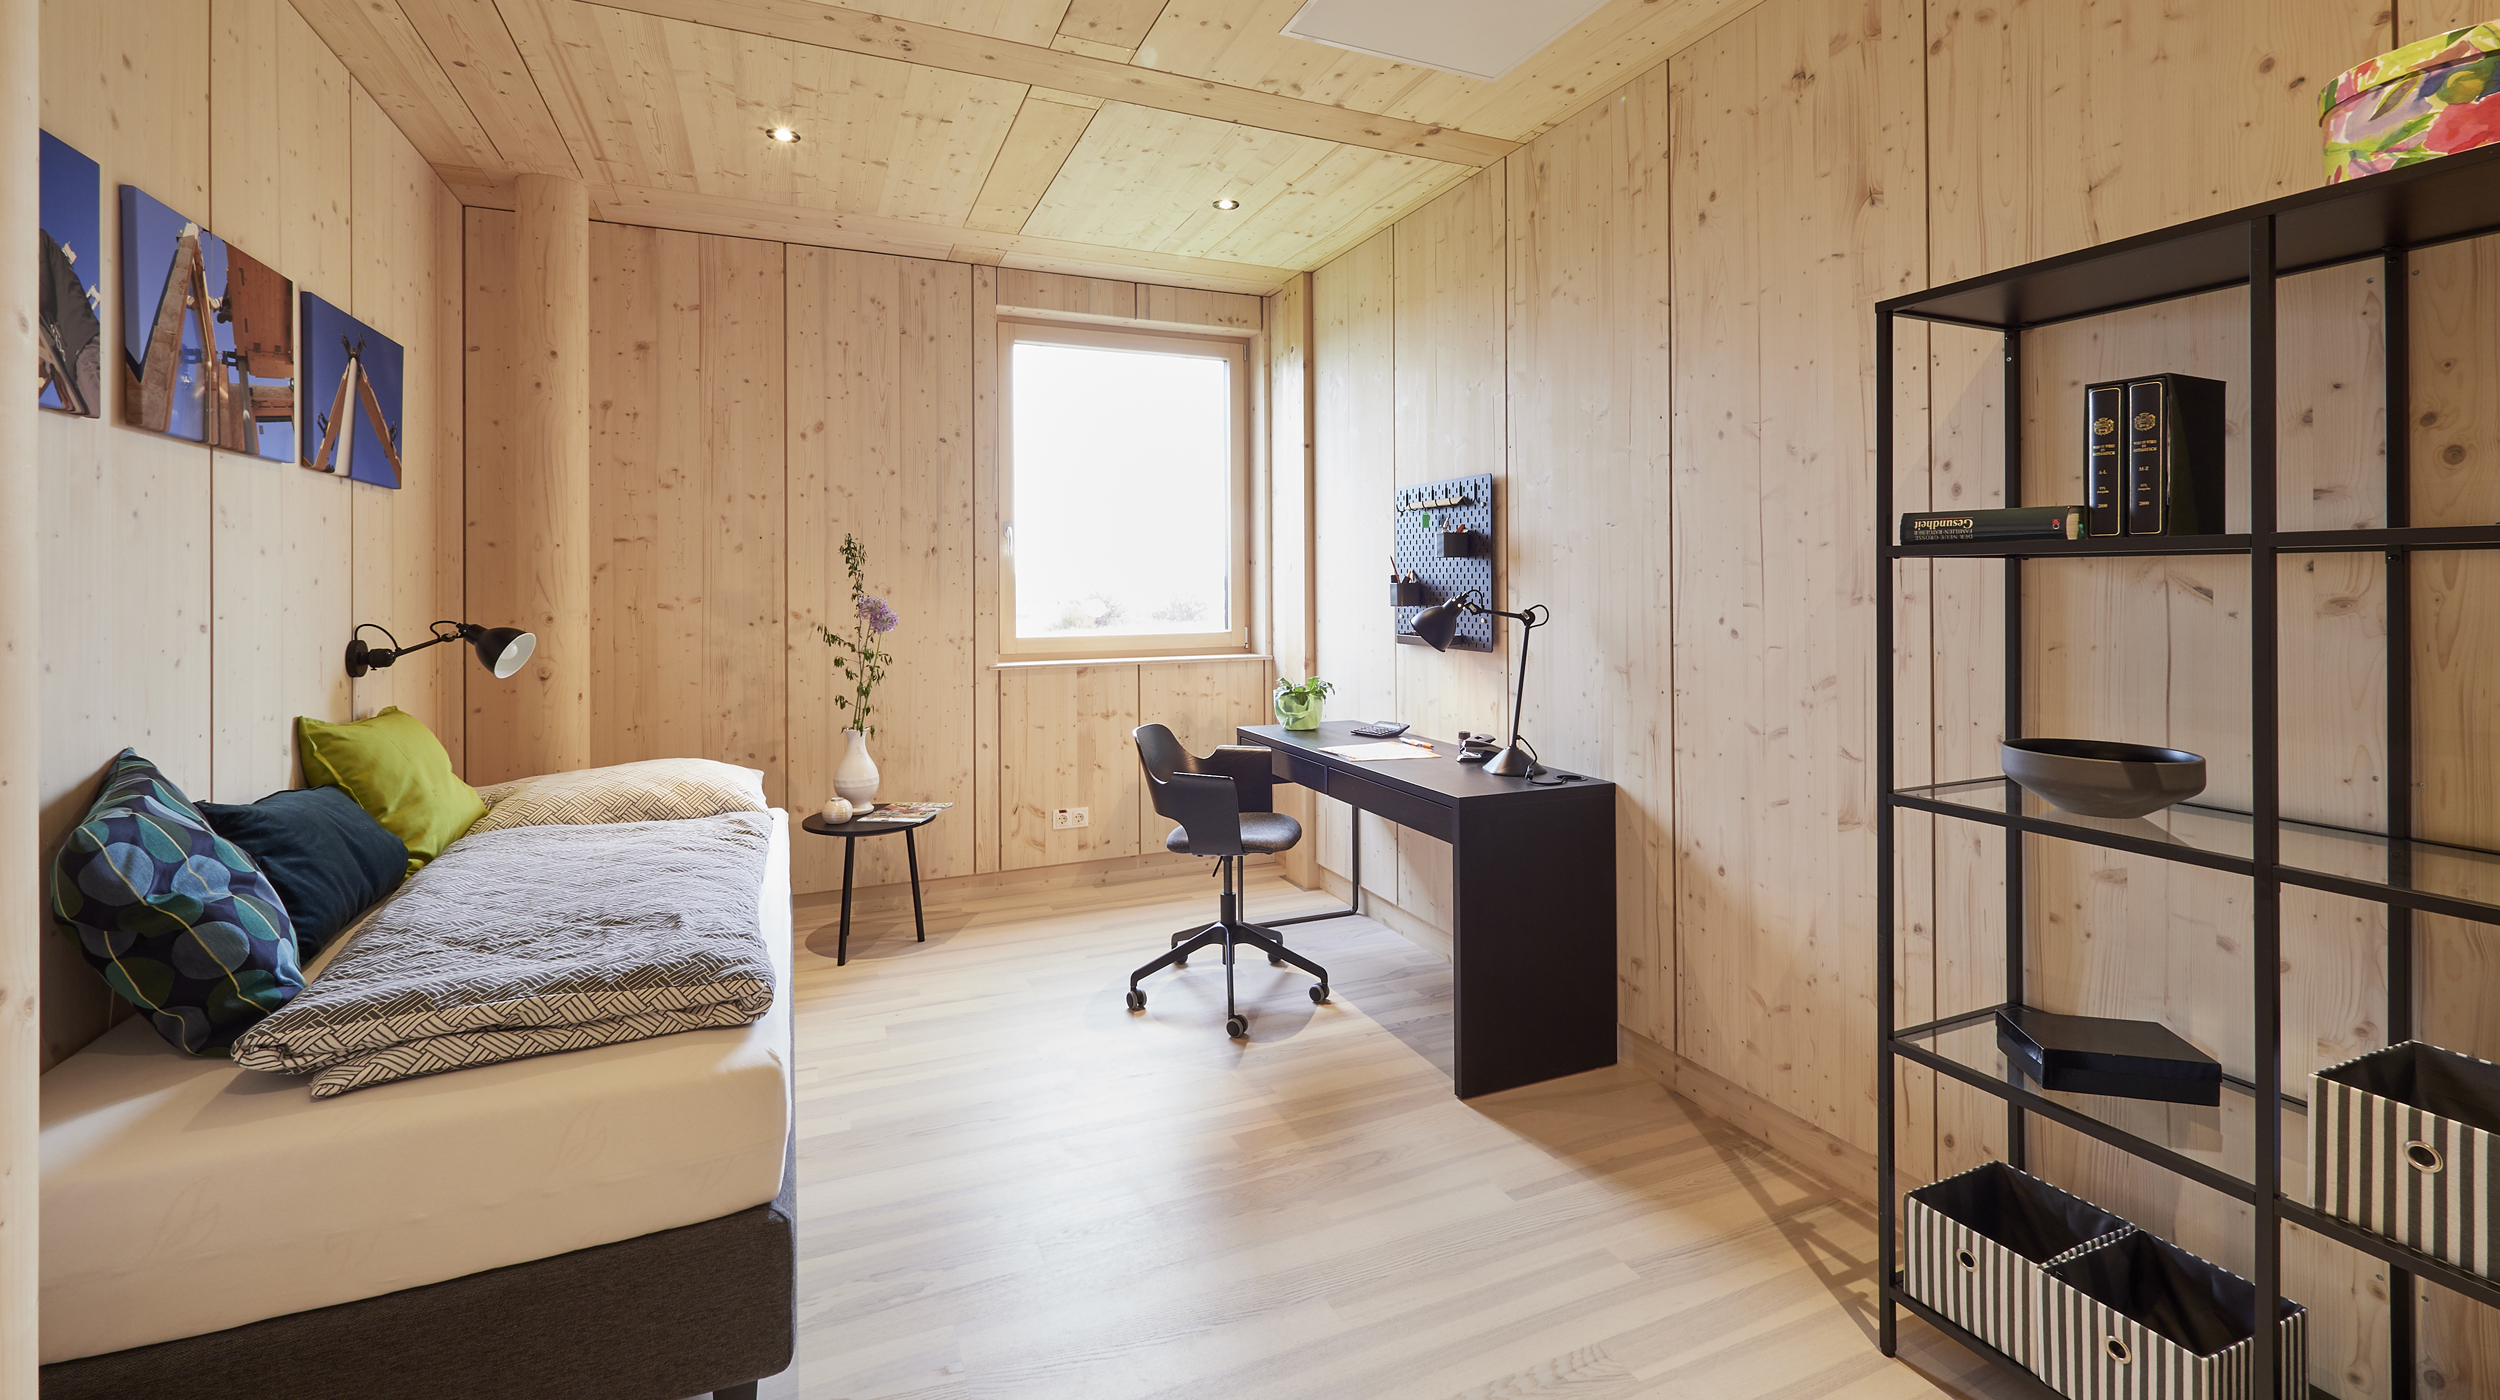 ZiKK 2.0 Musterhaus Vitis - Blick in das Arbeits- und Gästezimmer